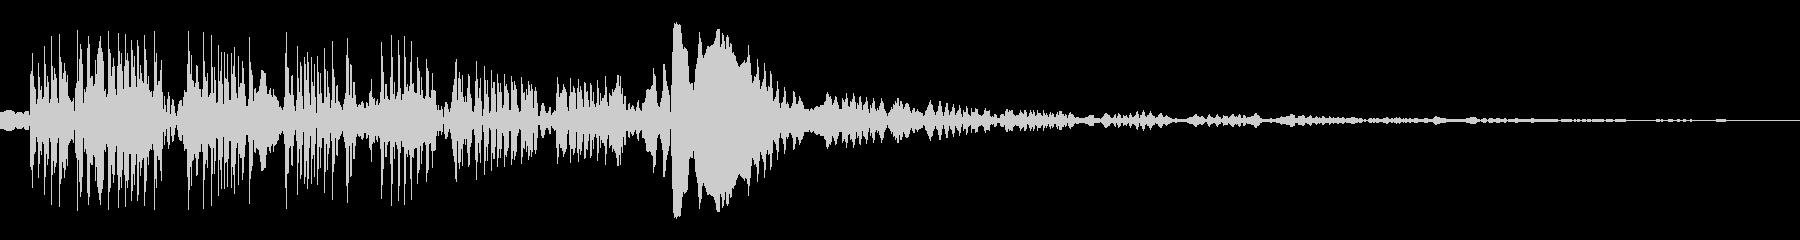 ギャグシーン(低音バージョン)の未再生の波形